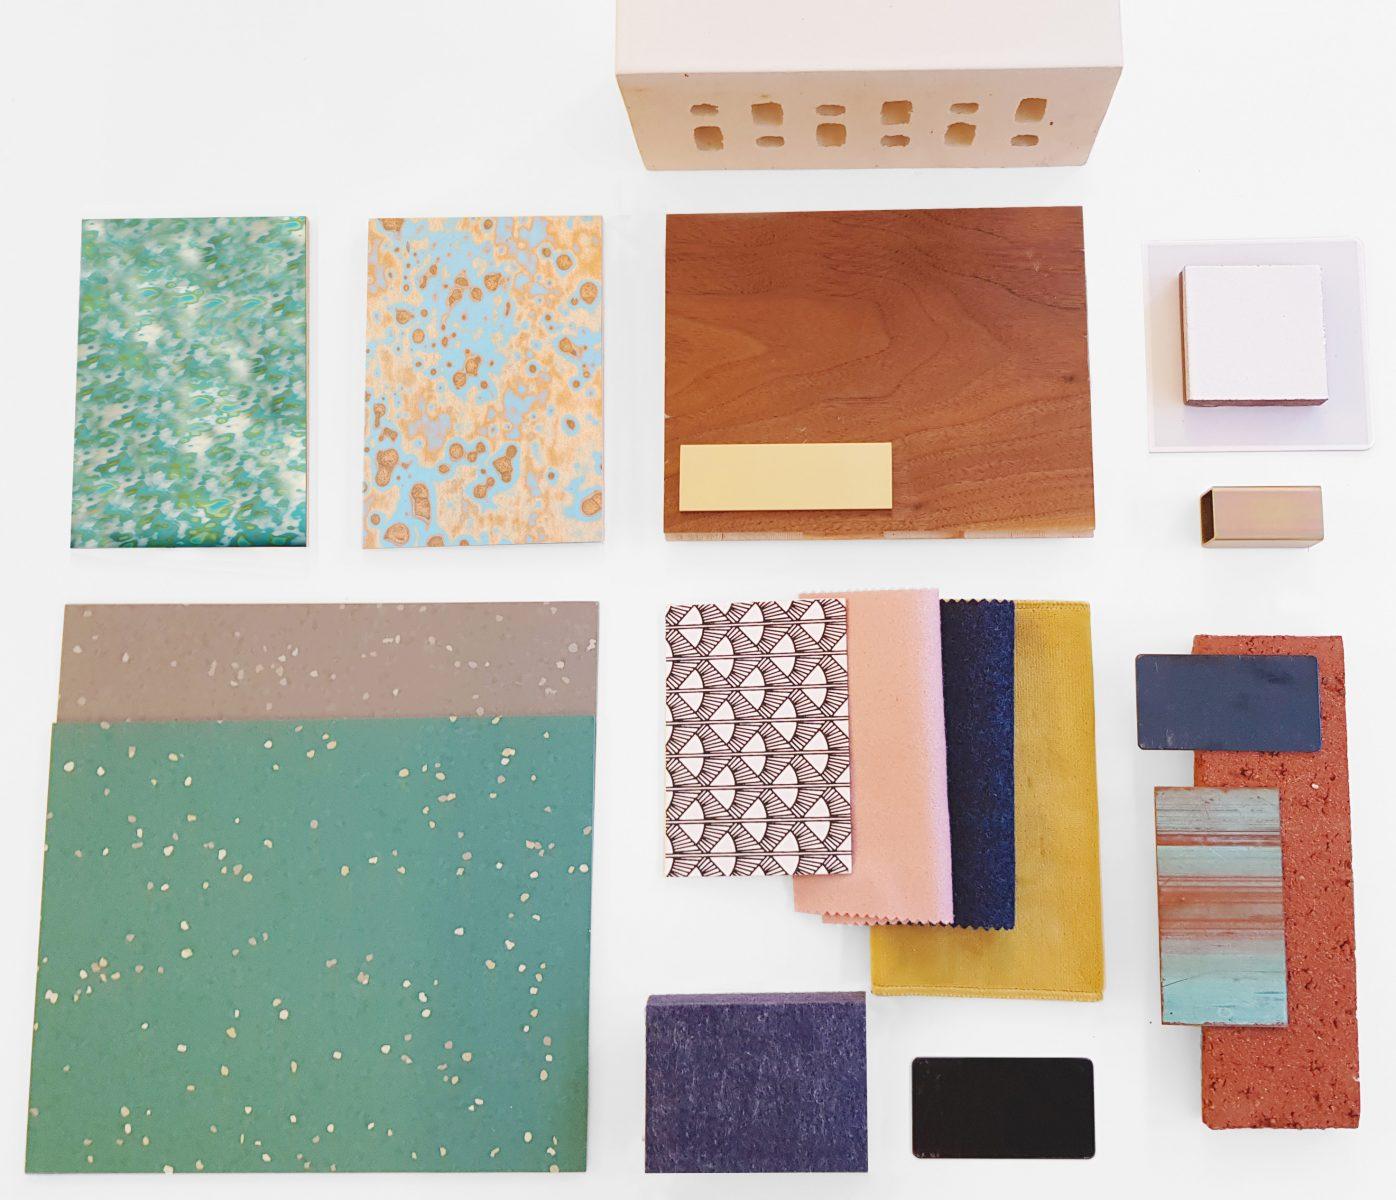 Proposed materials